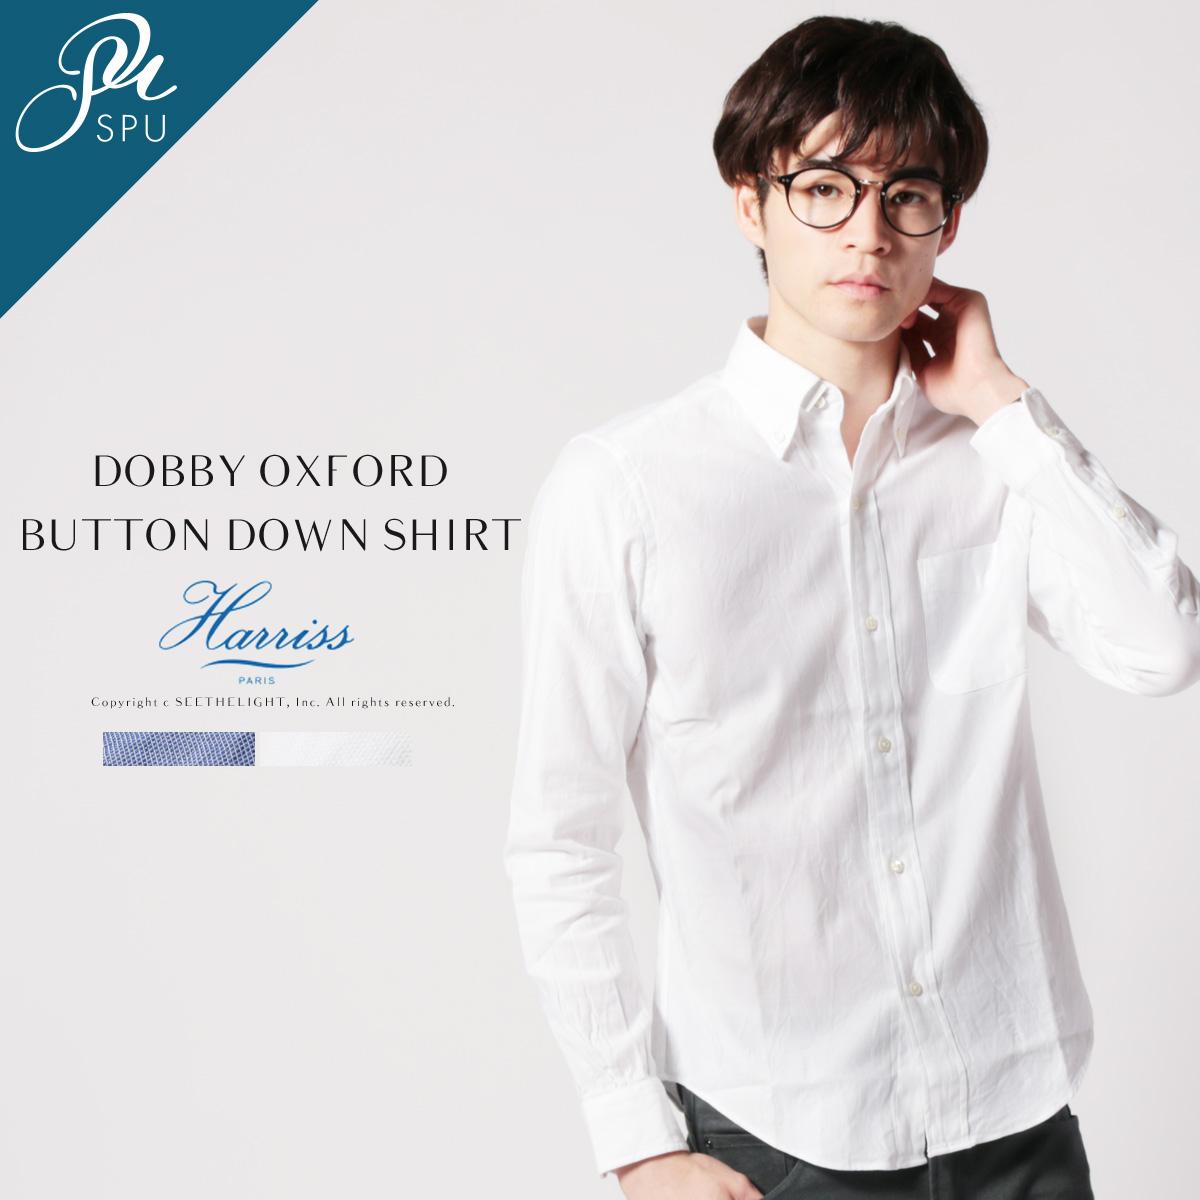 メンズ シャツ メンズファッション ドビー オックスフォード ボタンダウン 6つボタン 長袖シャツ Harriss ハリス 日本製